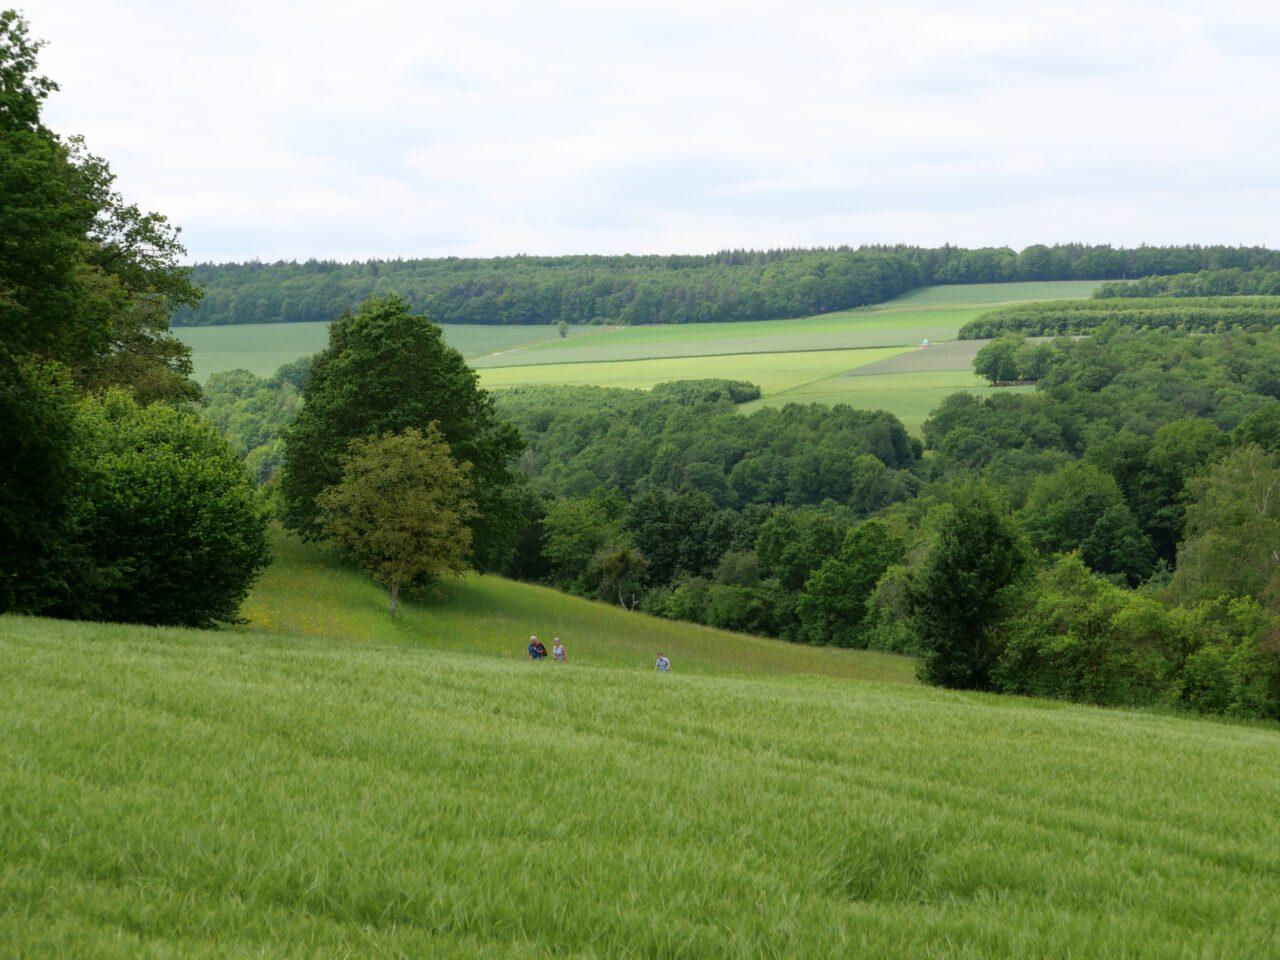 Eigene Fußspuren setzen - zum Beispiel auf dem Weg von Morlesau im Saaletal hinauf nach Ochsenthal